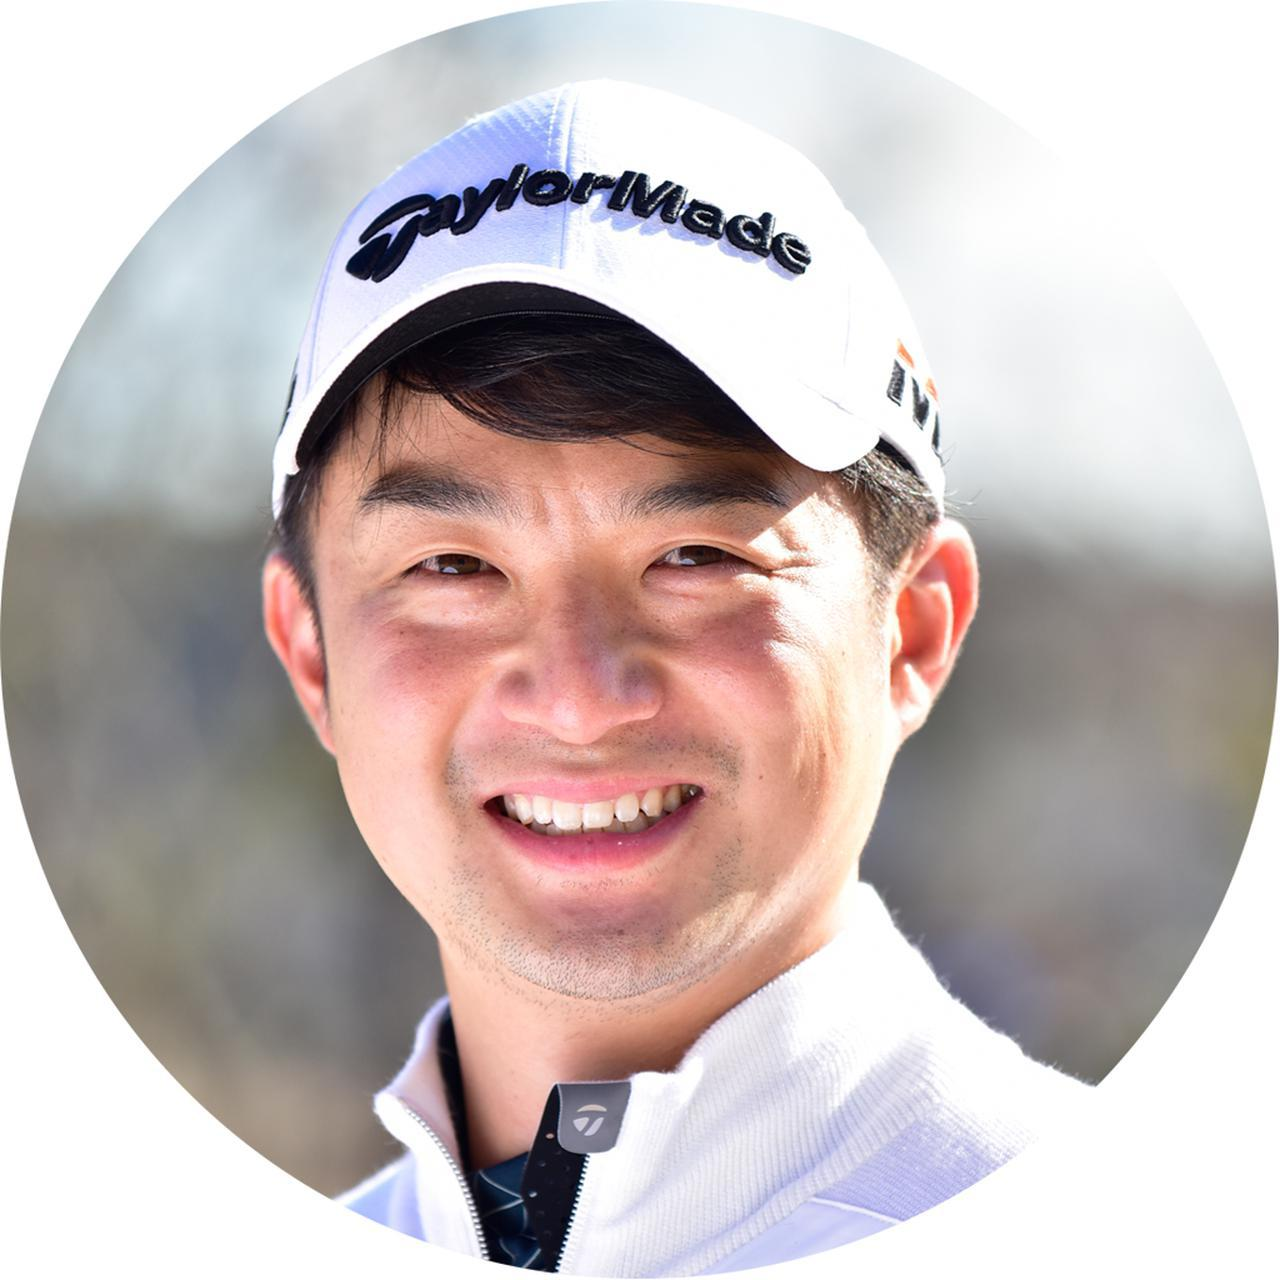 画像: 【解説】目澤秀憲コーチ めざわひでのり。1991年生まれ東京都出身。日本では数名しかいないTPIレベル3のライセンス取得。現在、河本結プロのコーチを務めながら、エースゴルフクラブにてレッスンを行う